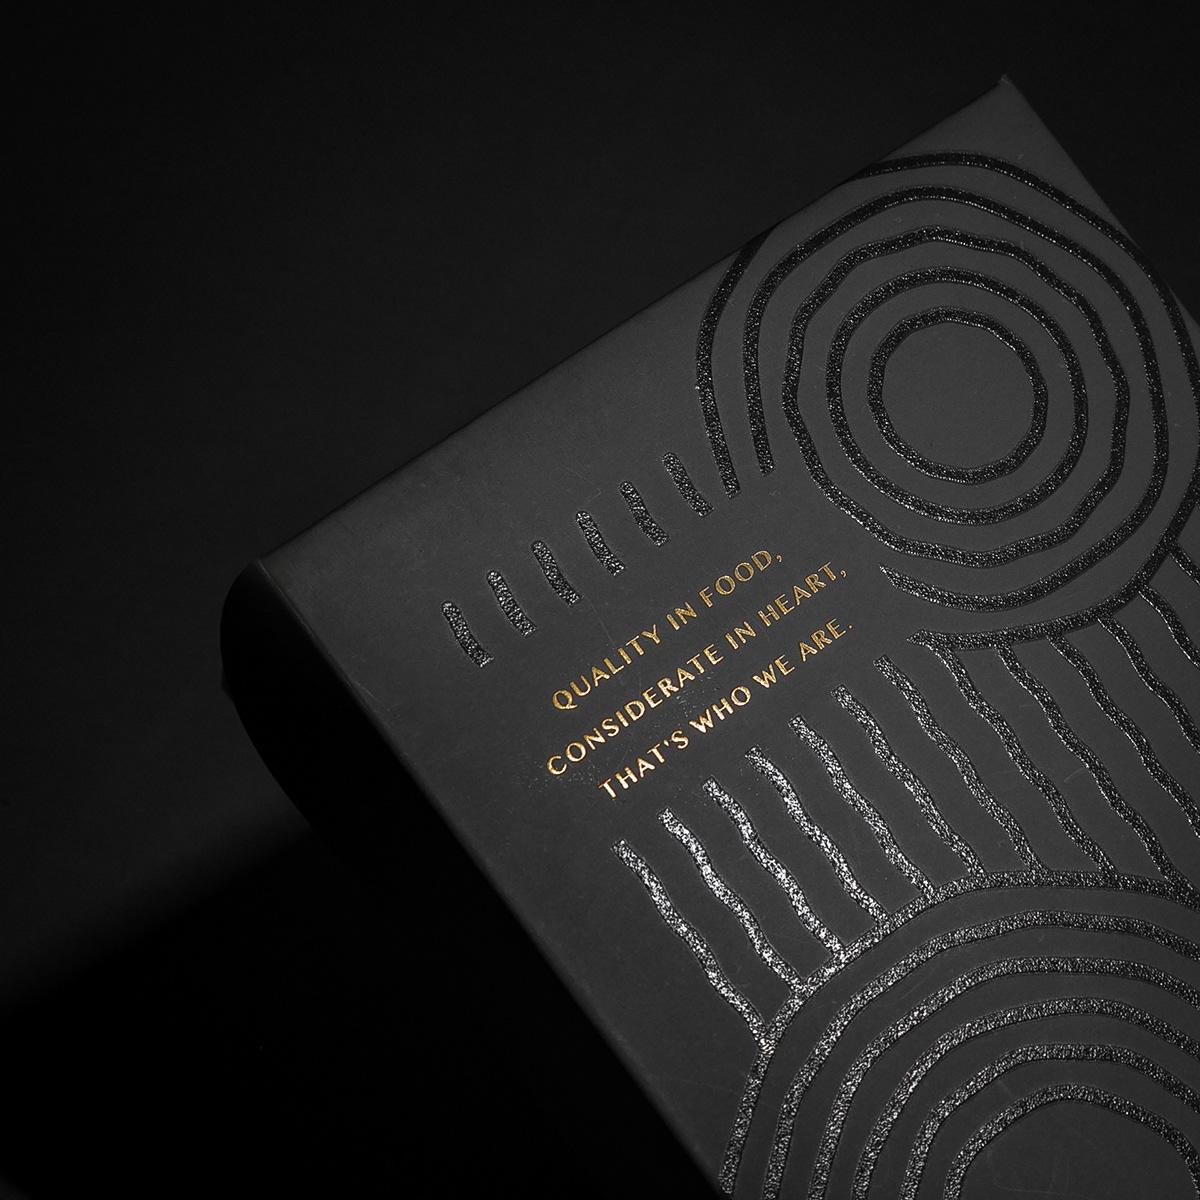 30款精美华丽的月饼包装设计精致的生活美学-第8张